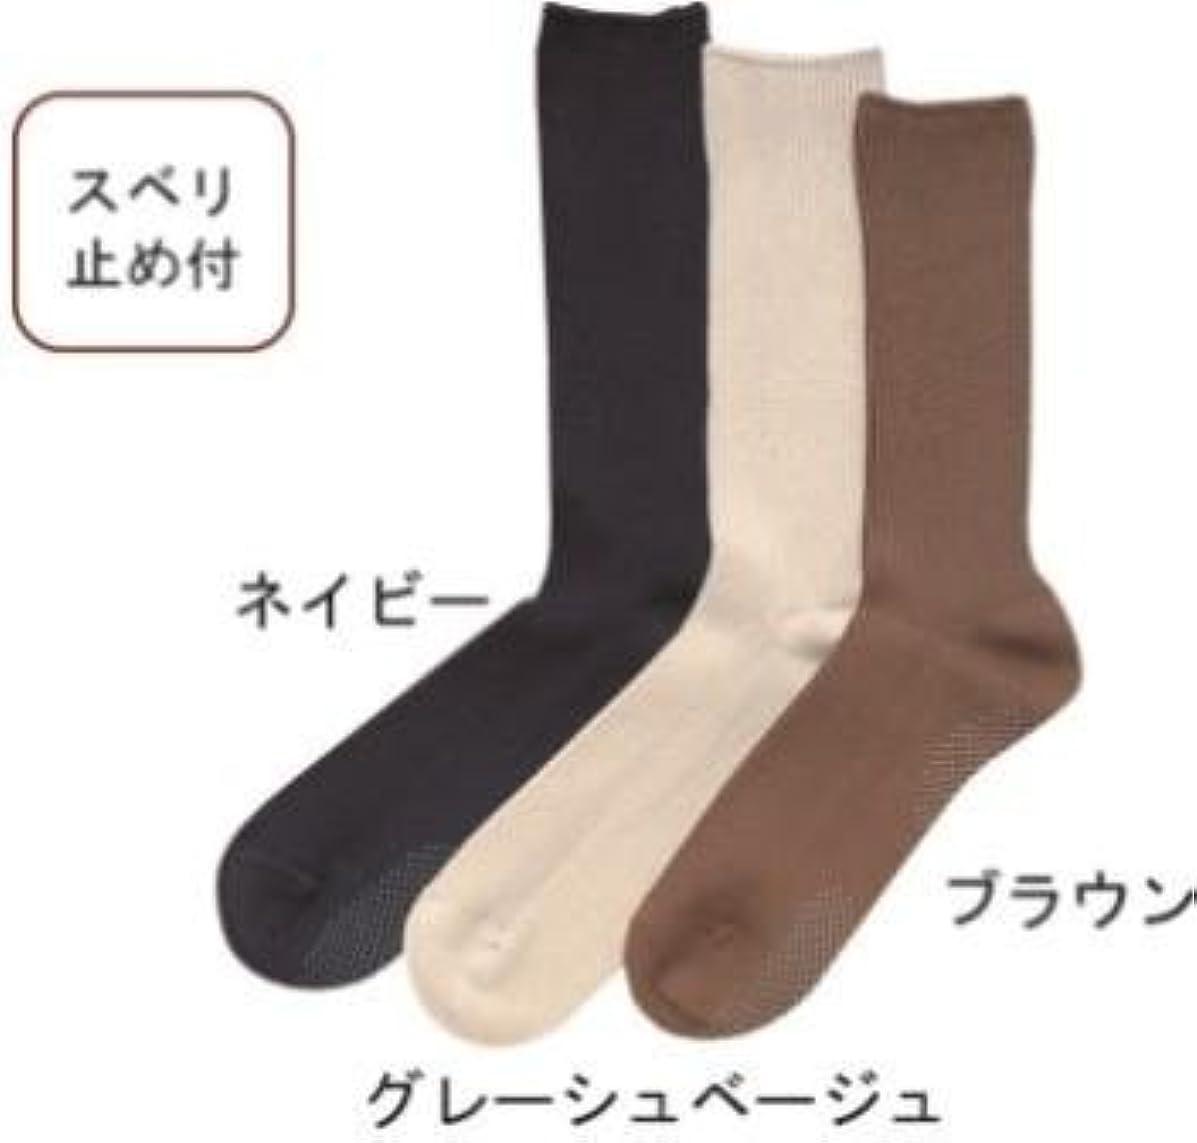 浅い咽頭物理的な靴下 紳士ソックス(通年用) (HL713):26~28cm ブラウン